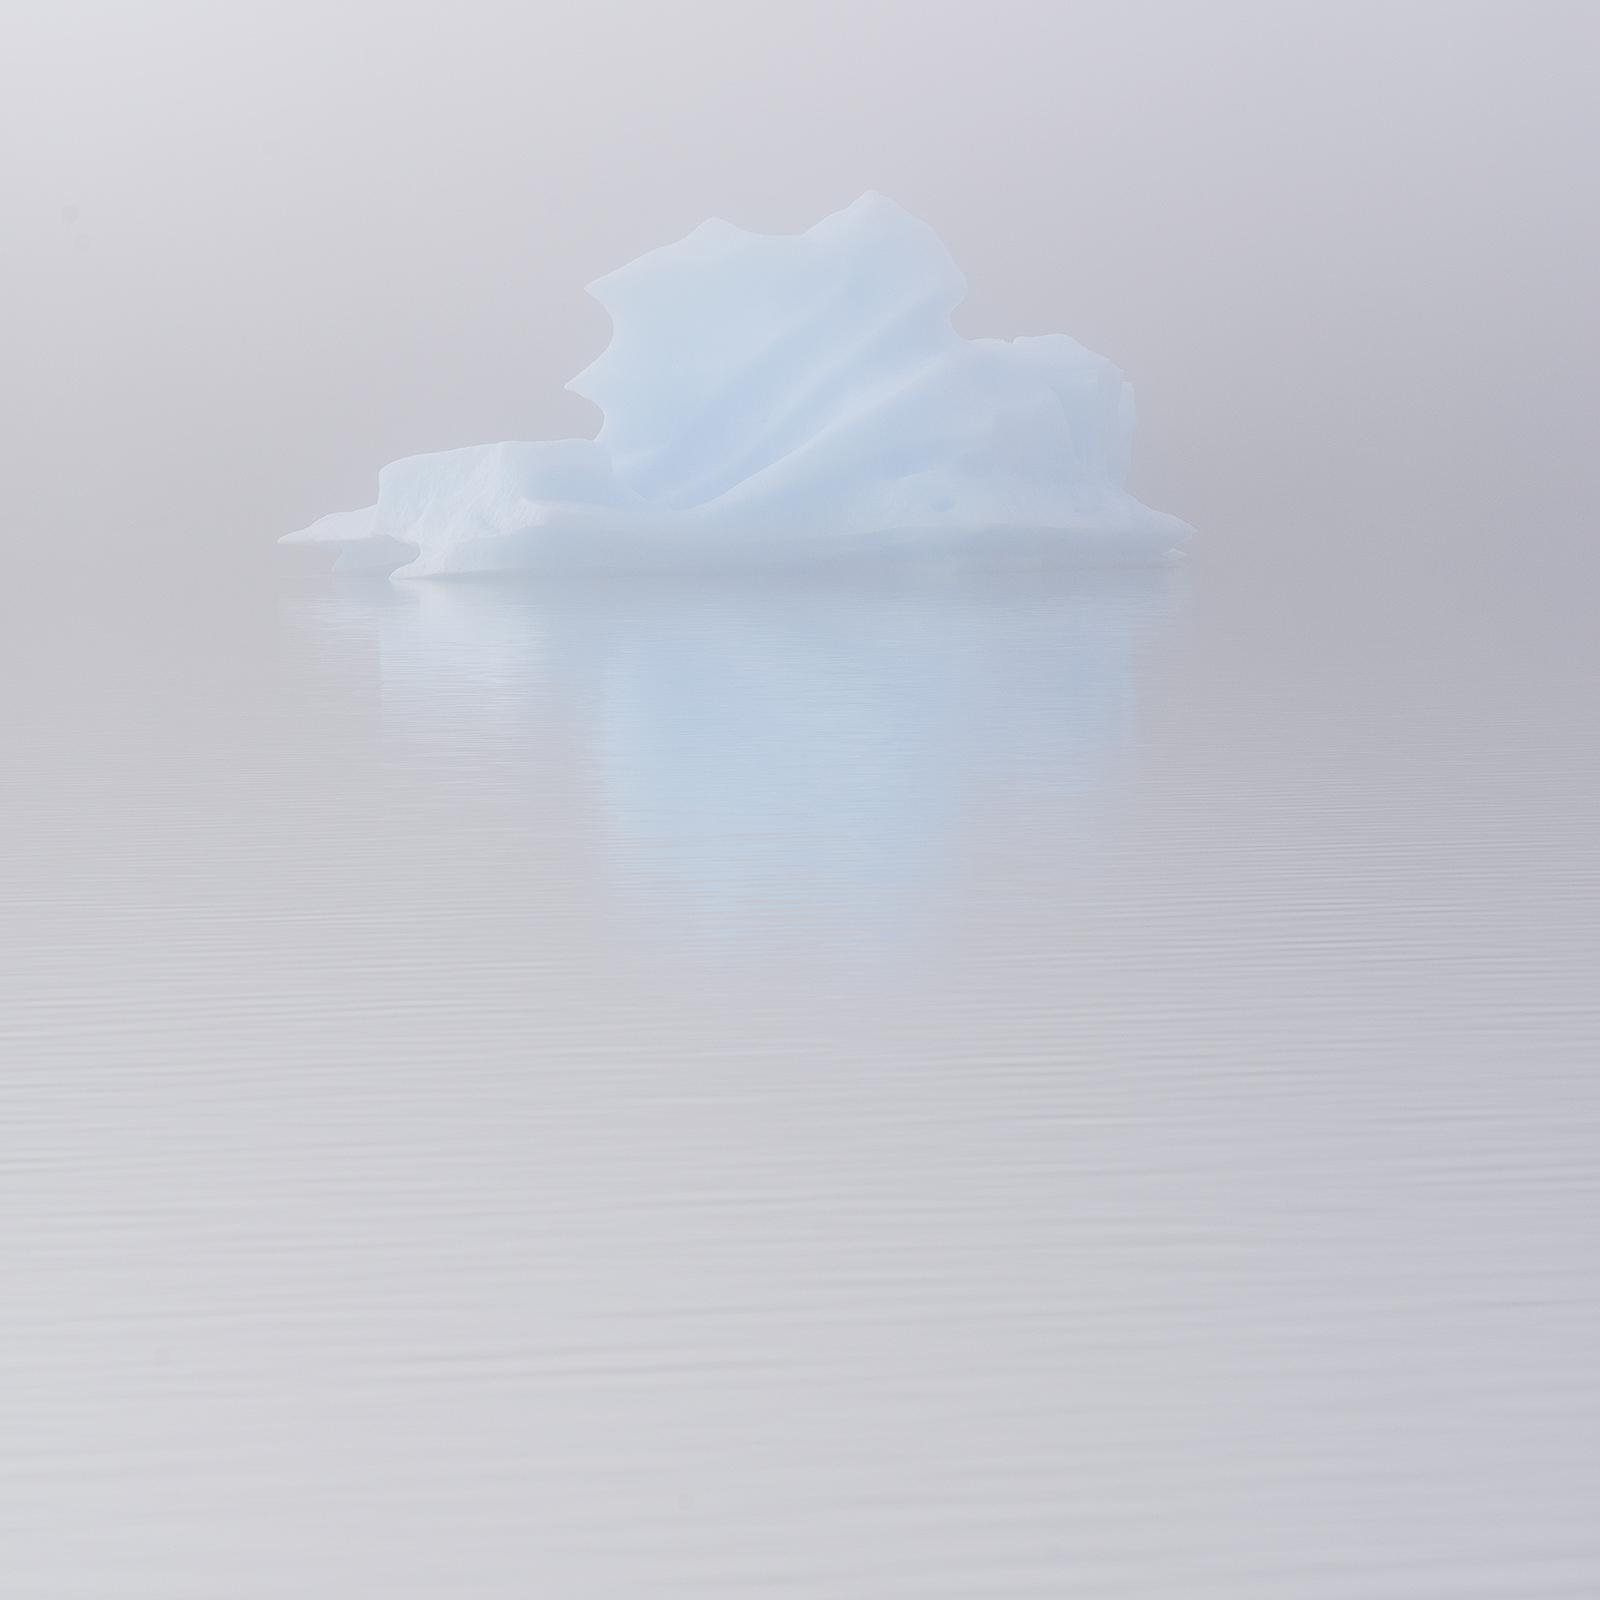 Lago Grey, study#2 - Torres del Paine, Patagonia